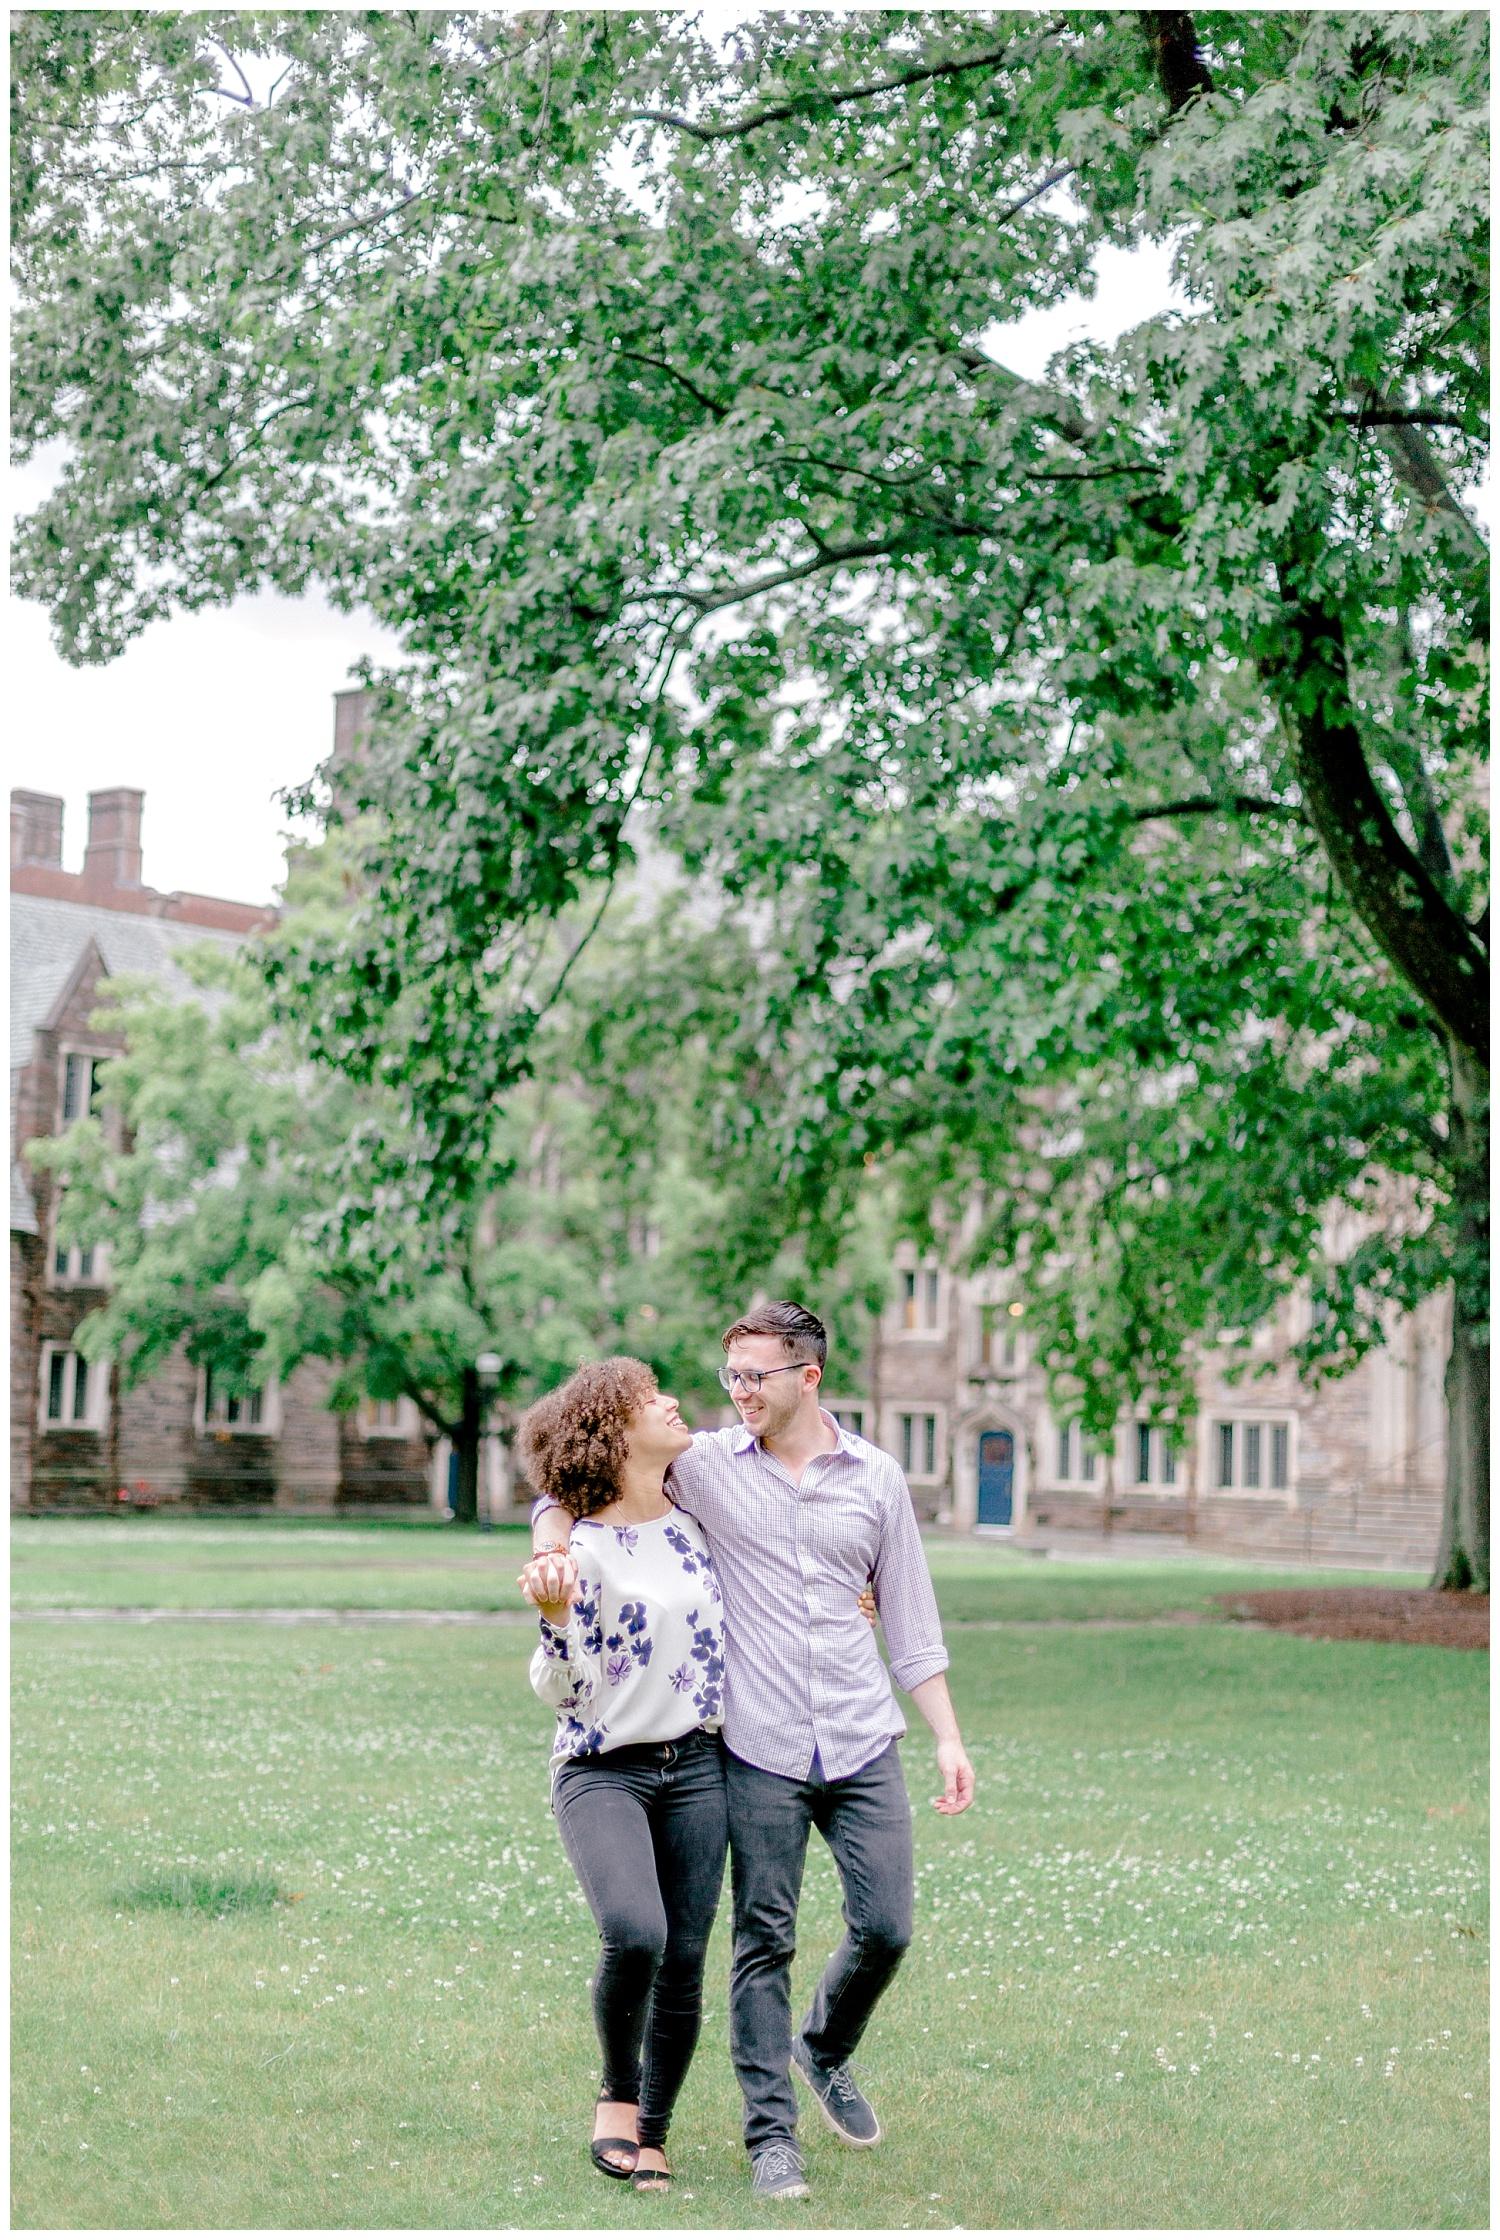 Princeton University Campus engagement session Pennsylvania based wedding and lifestyle photographer lytle photographer_0008.jpg